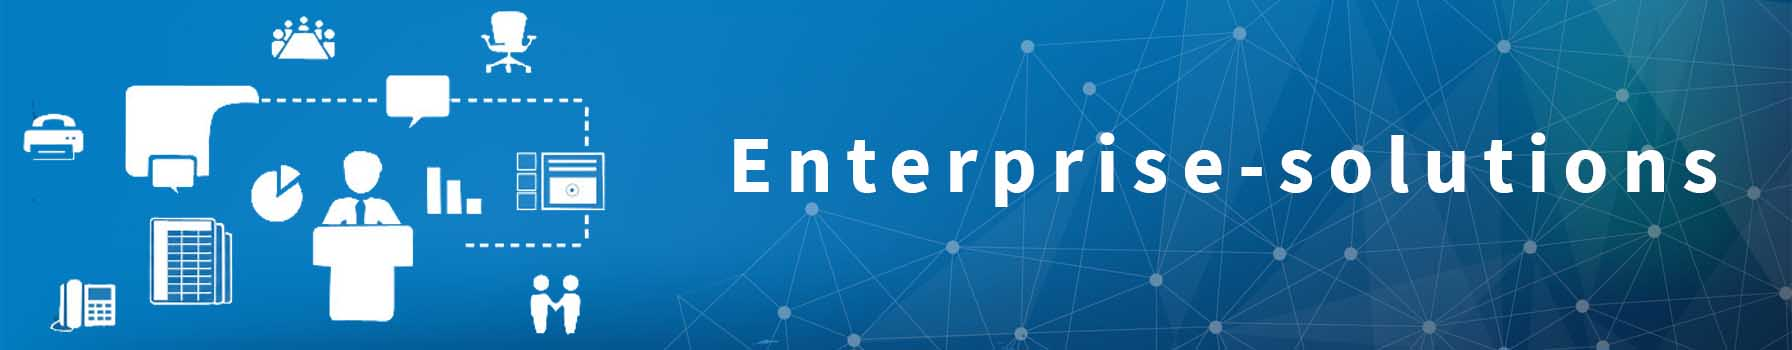 enterprise-solutions.jpg